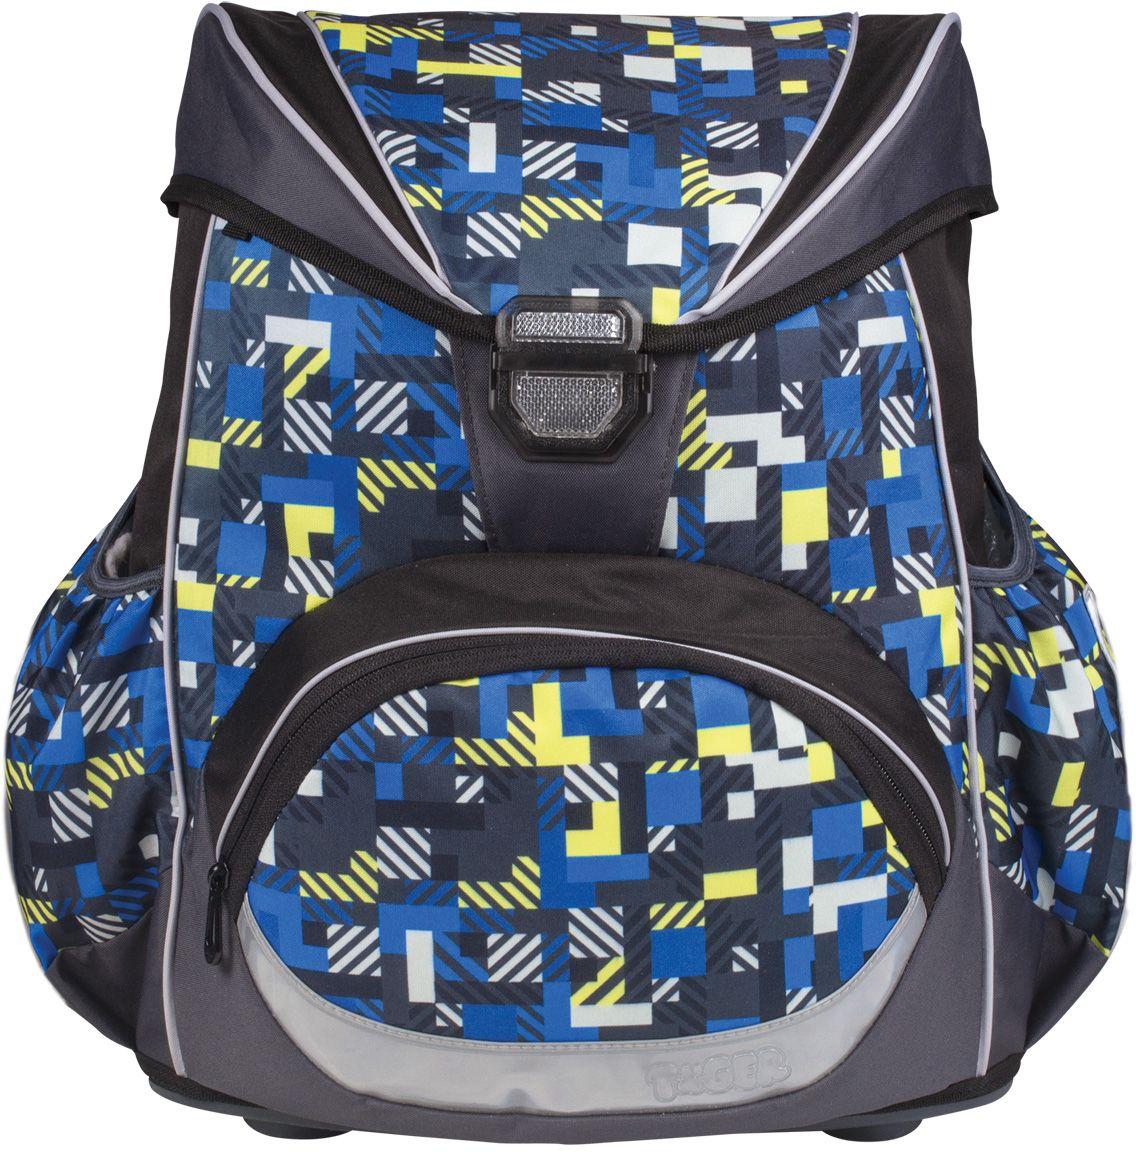 Tiger Enterprise Ранец школьный Матрица226109Удобный, как ранец, и легкий, как рюкзак! Вес этого рюкзака - всего 660 грамм, а все благодаря усовершенствованной облегченной конструкции и современным материалам. Жесткая спинка и усиленное дно обеспечивают комфортное ношение без утяжеления.Светоотражающие элементы с четырех сторон делают школьника более заметным на дороге даже в темное время суток. Устойчивое дно из облегченного пластика защищает учебники и тетради от намокания. В боковые карманы отлично помещается бутылочка с водой. Качественный водоотталкивающий материал не позволяет грязи въедаться, поэтому рюкзак легко чистить влажной тряпочкой.Все материалы и красители проверены на отсутствие вредных веществ и аллергенов в соответствии с европейским стандартом качества и безопасности.